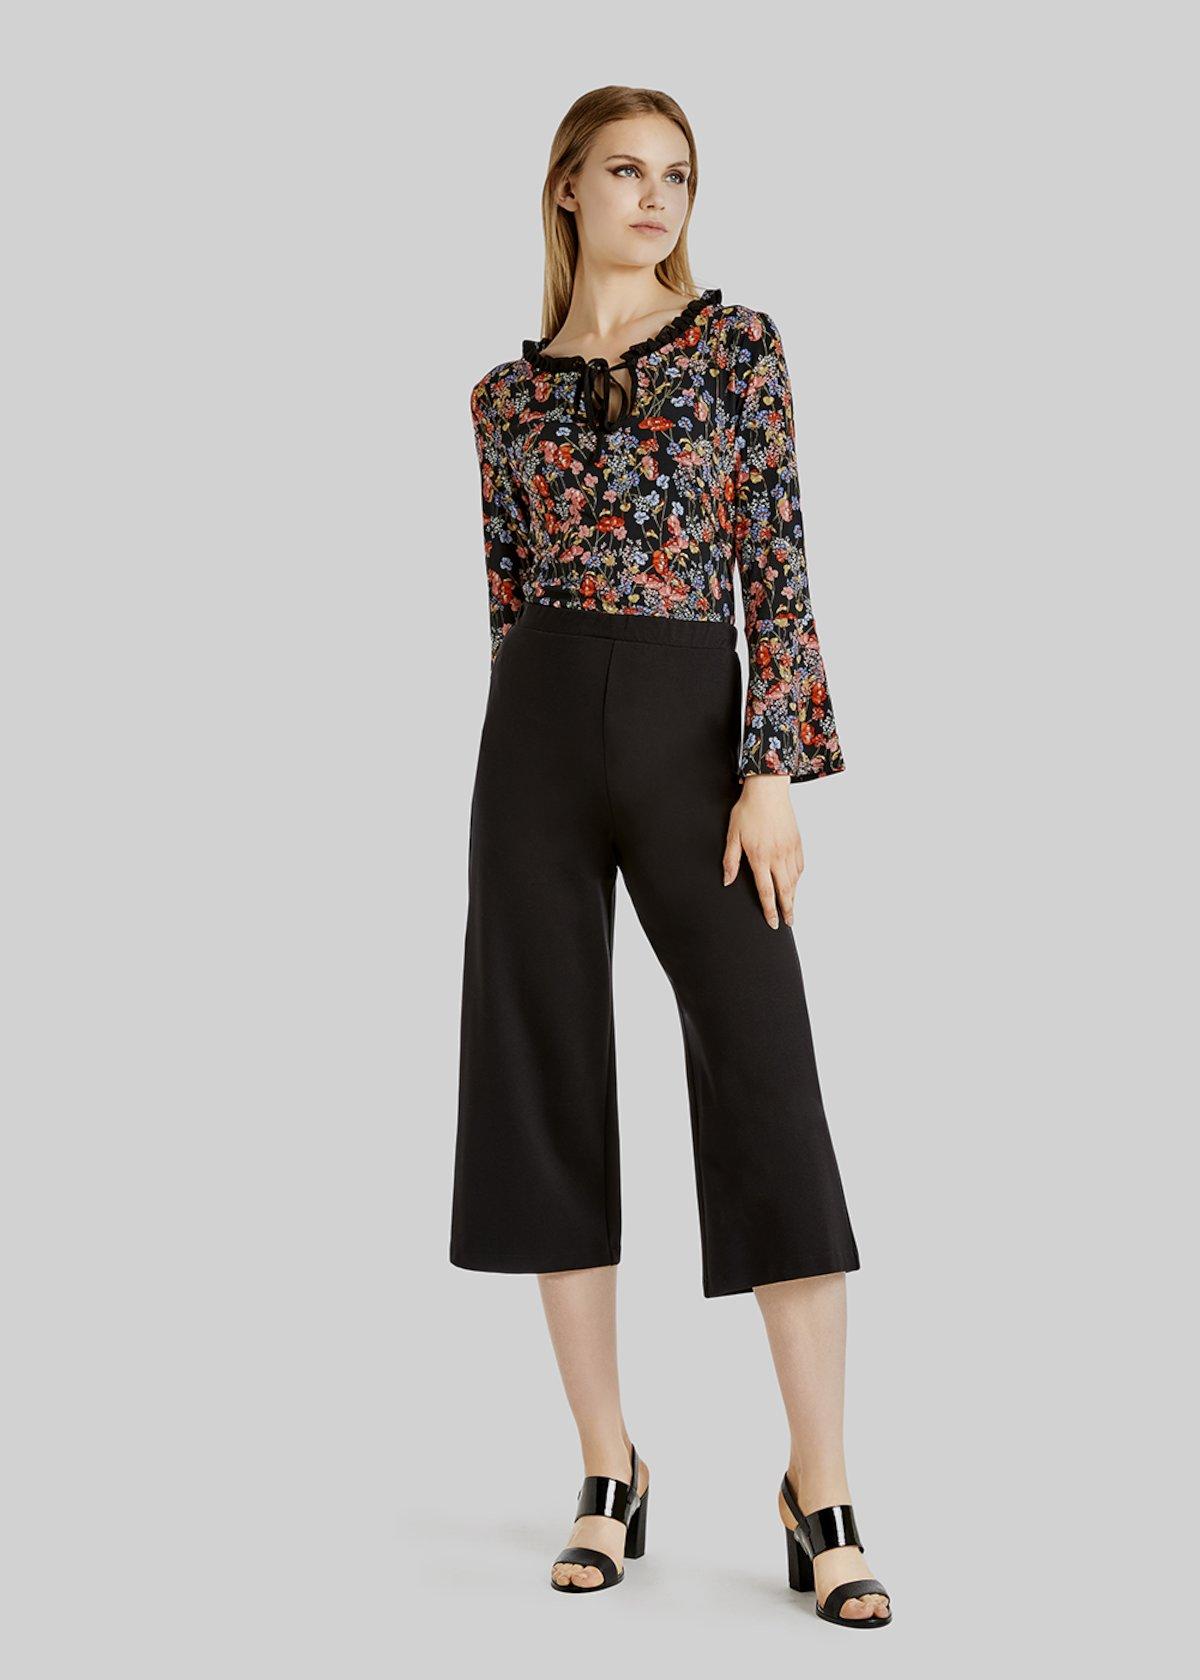 Pantaloni Plinios in crepe modello palazzo - Black